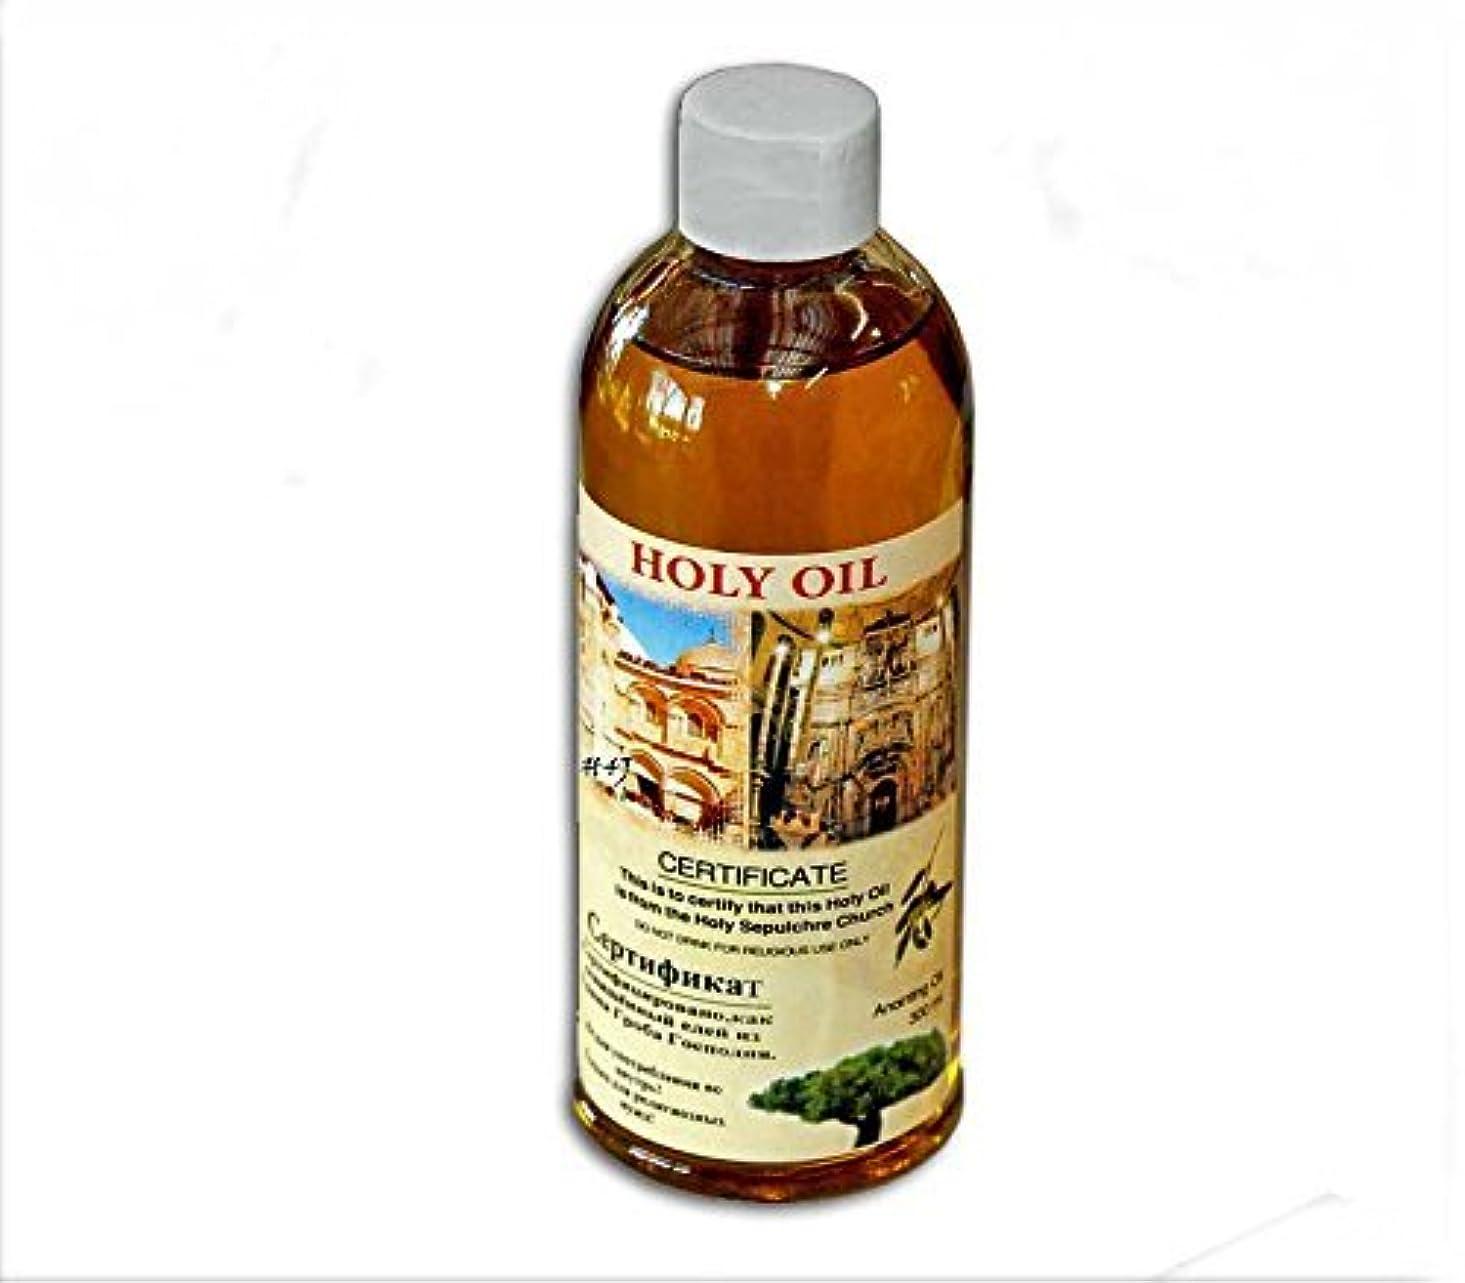 反対にとして首謀者60 ml Holy Land AnointingオイルCertificated Blessed小さなボトルからエルサレムbyベツレヘムギフトTM